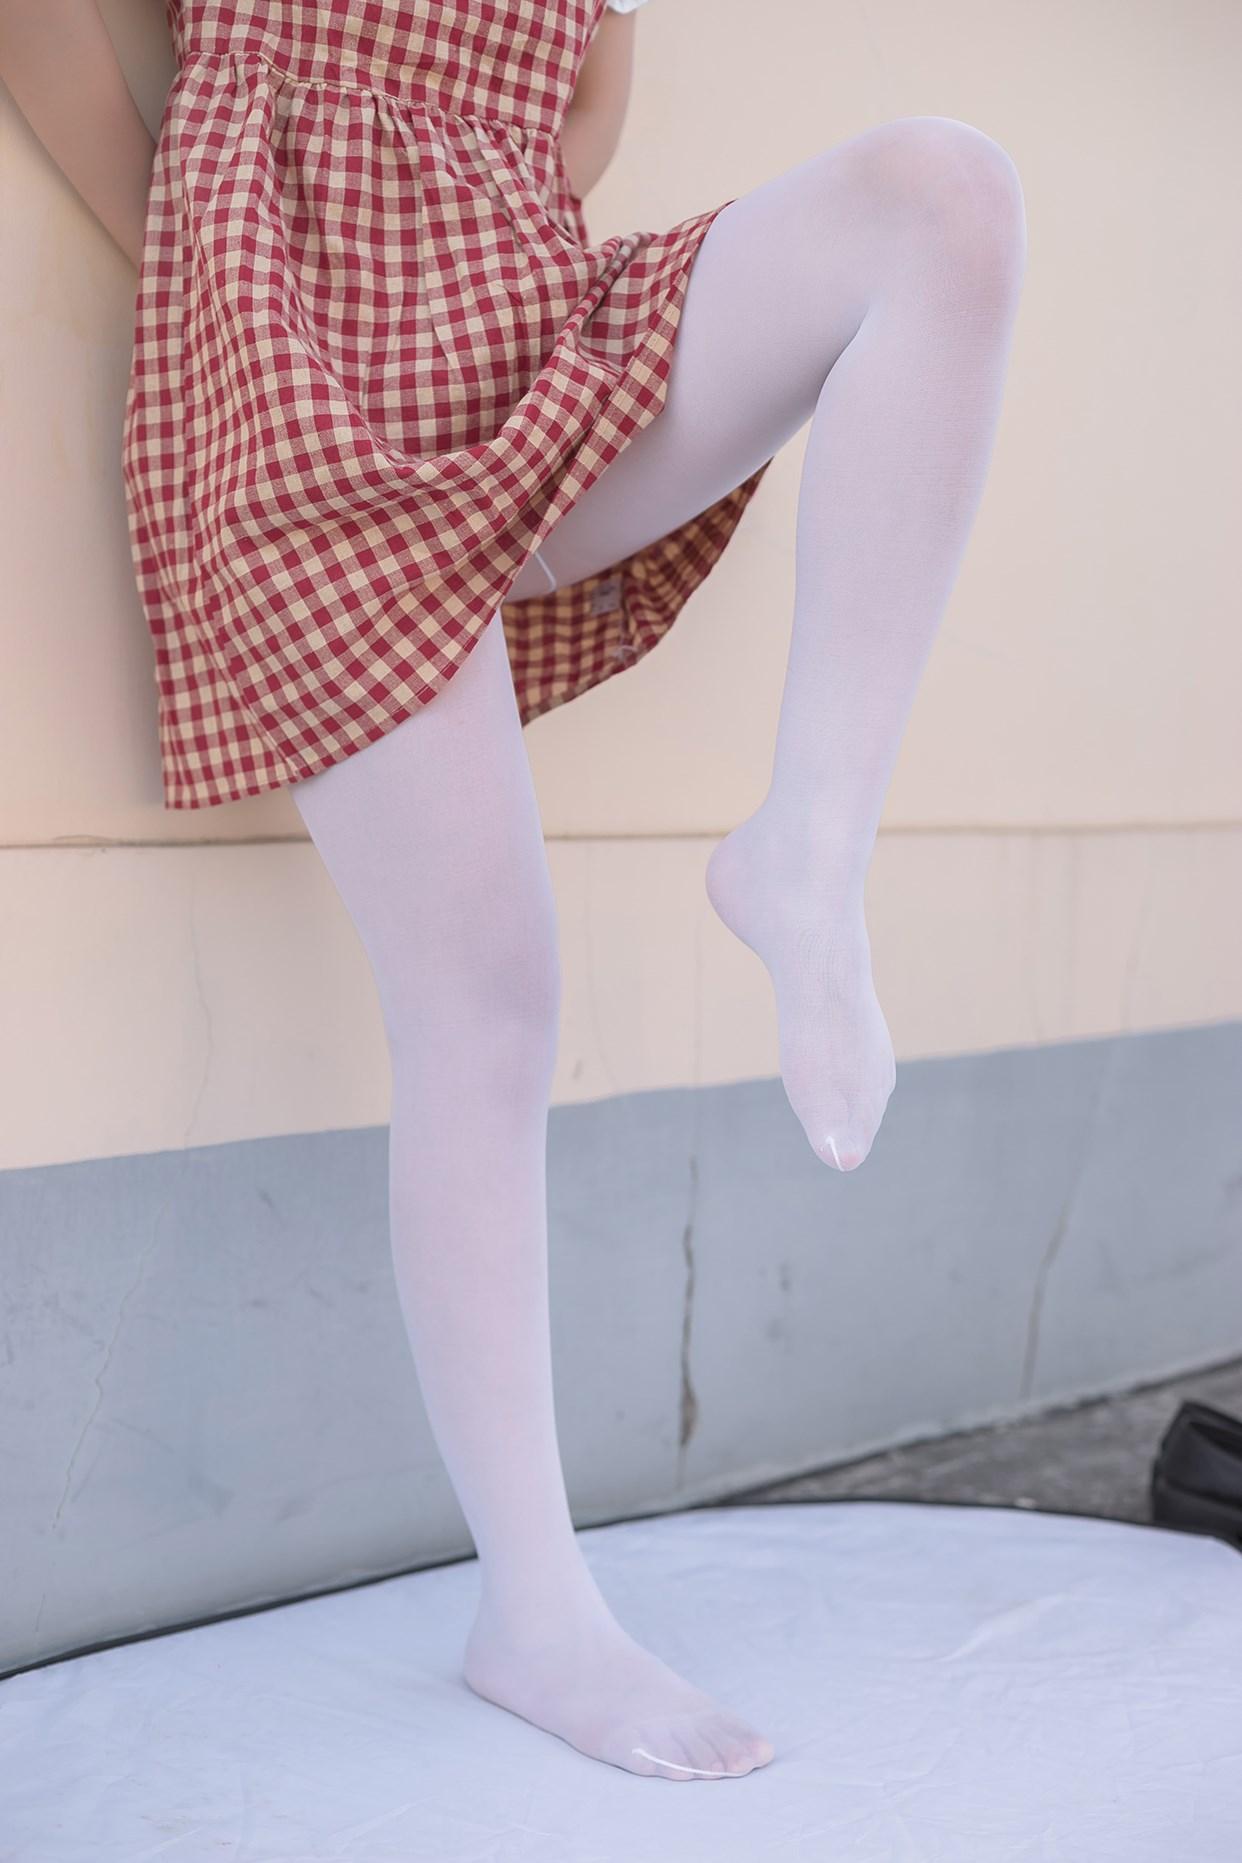 【兔玩映画】萝莉的白丝袜 兔玩映画 第33张